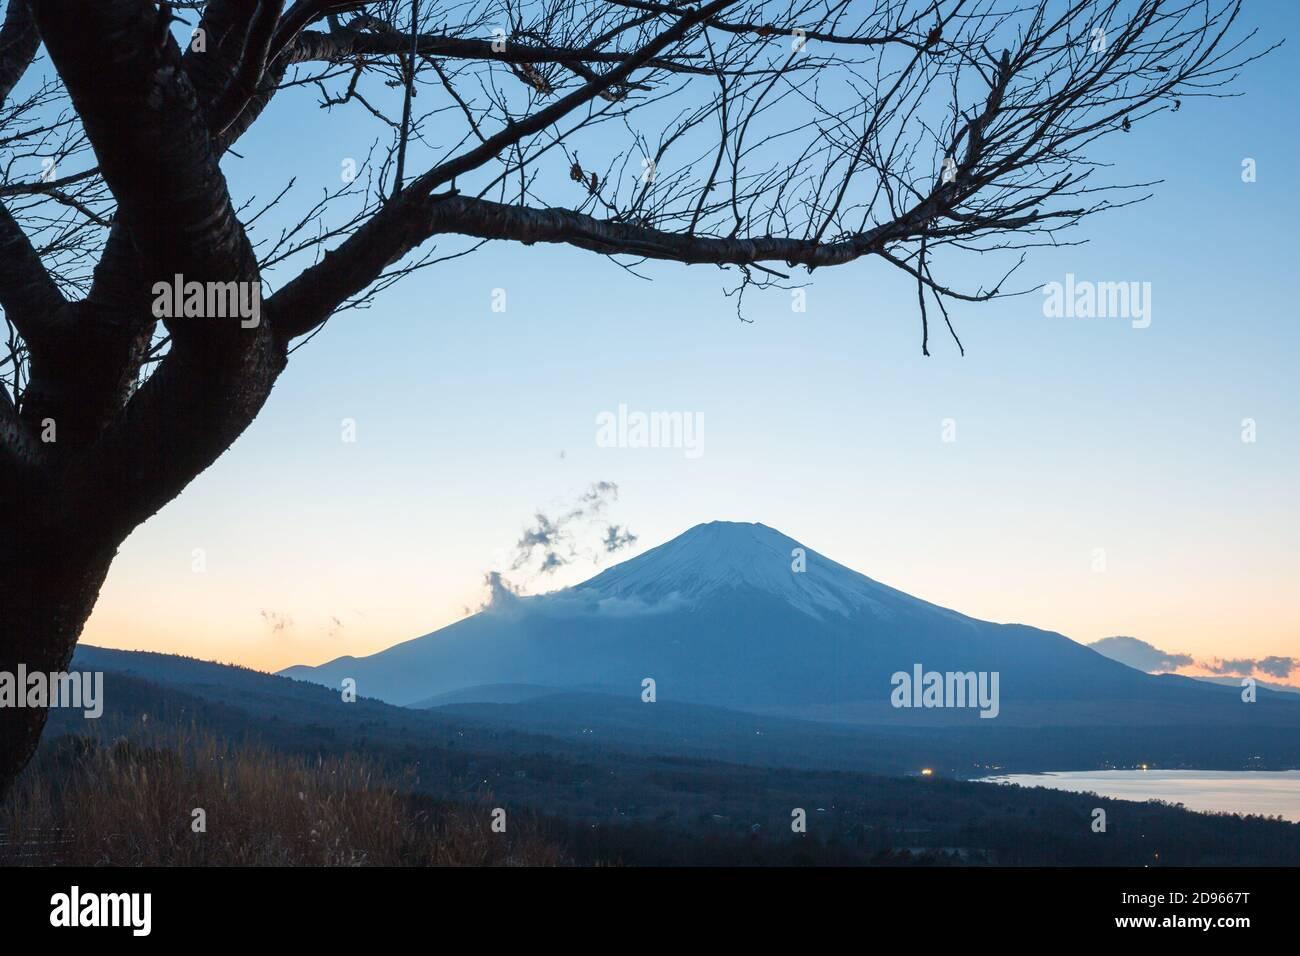 Puesta de sol Fuji fujisan al atardecer desde el lago yamanaka en Yamanashi Japón. Foto de stock